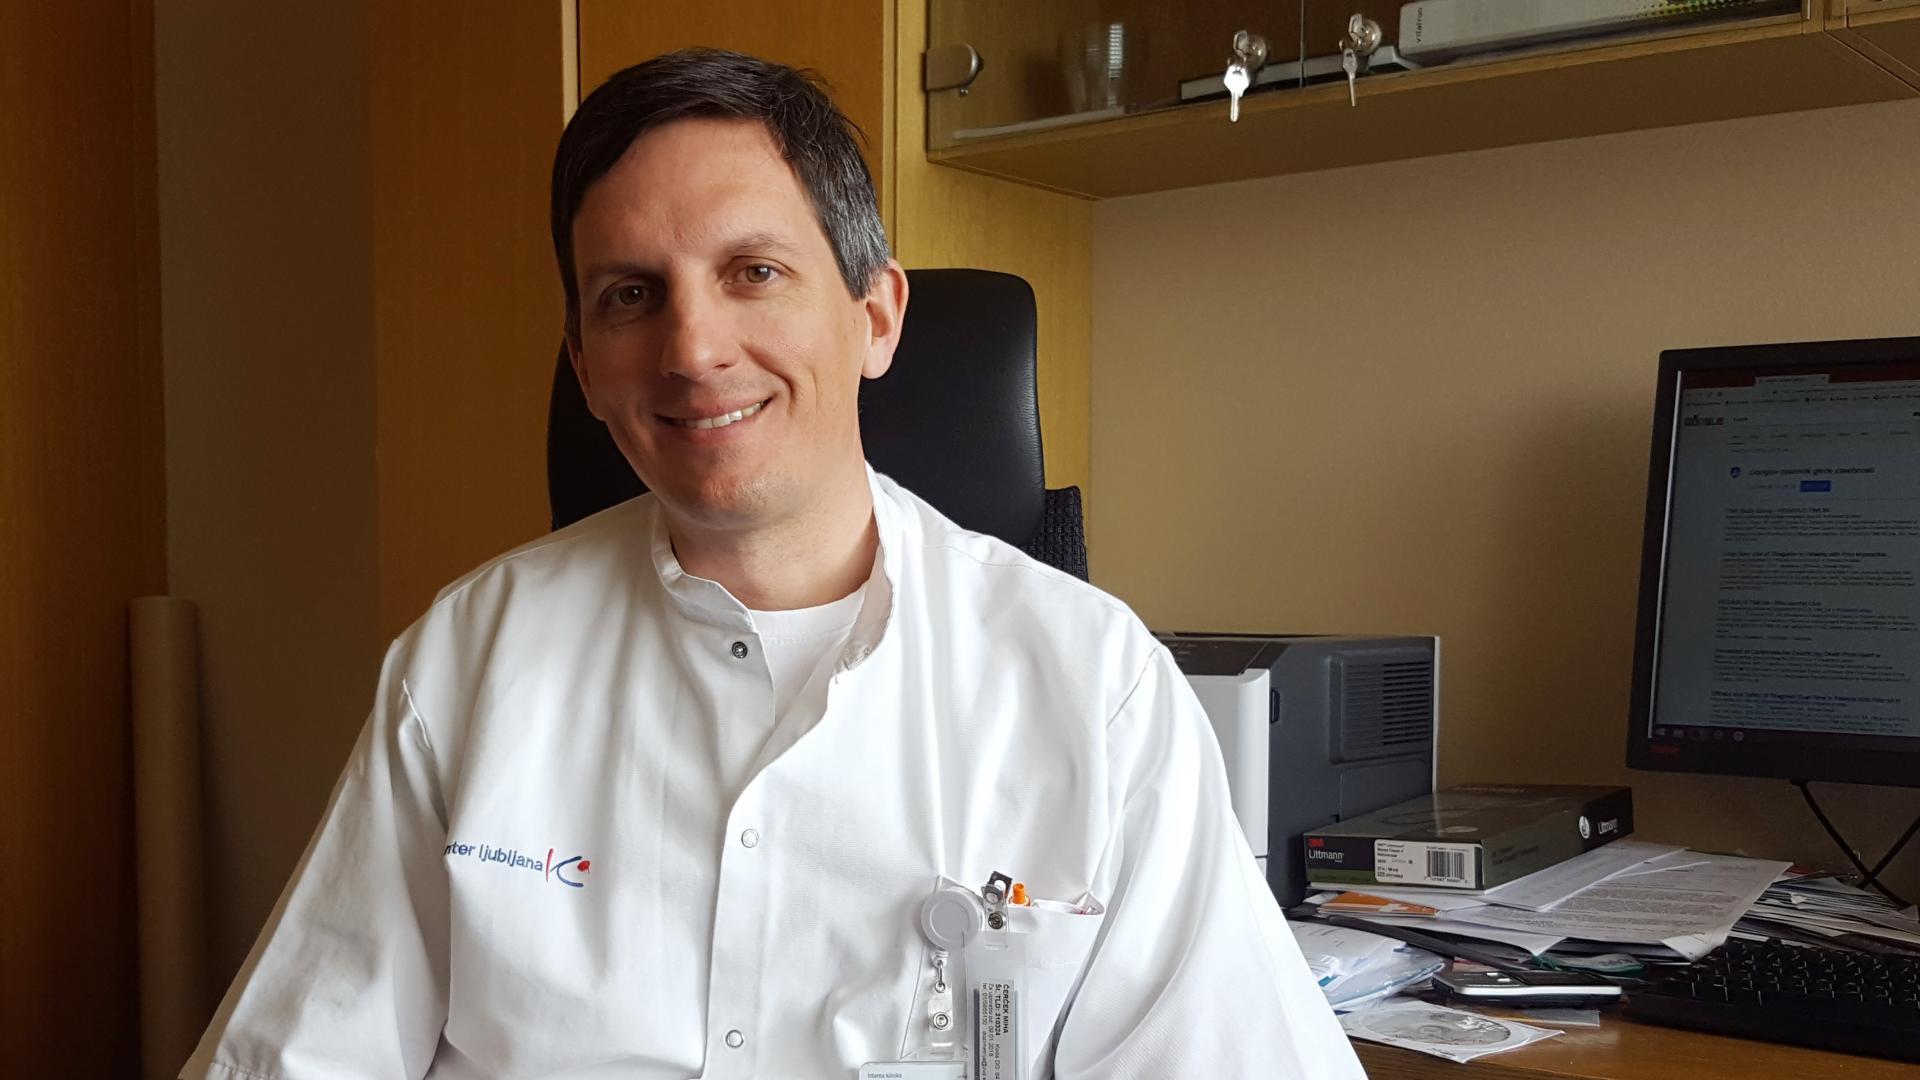 Lahko interventni kardiologi pri preprečevanju kapi pomagajo interventnim nevrologom? Do določene meje lahko